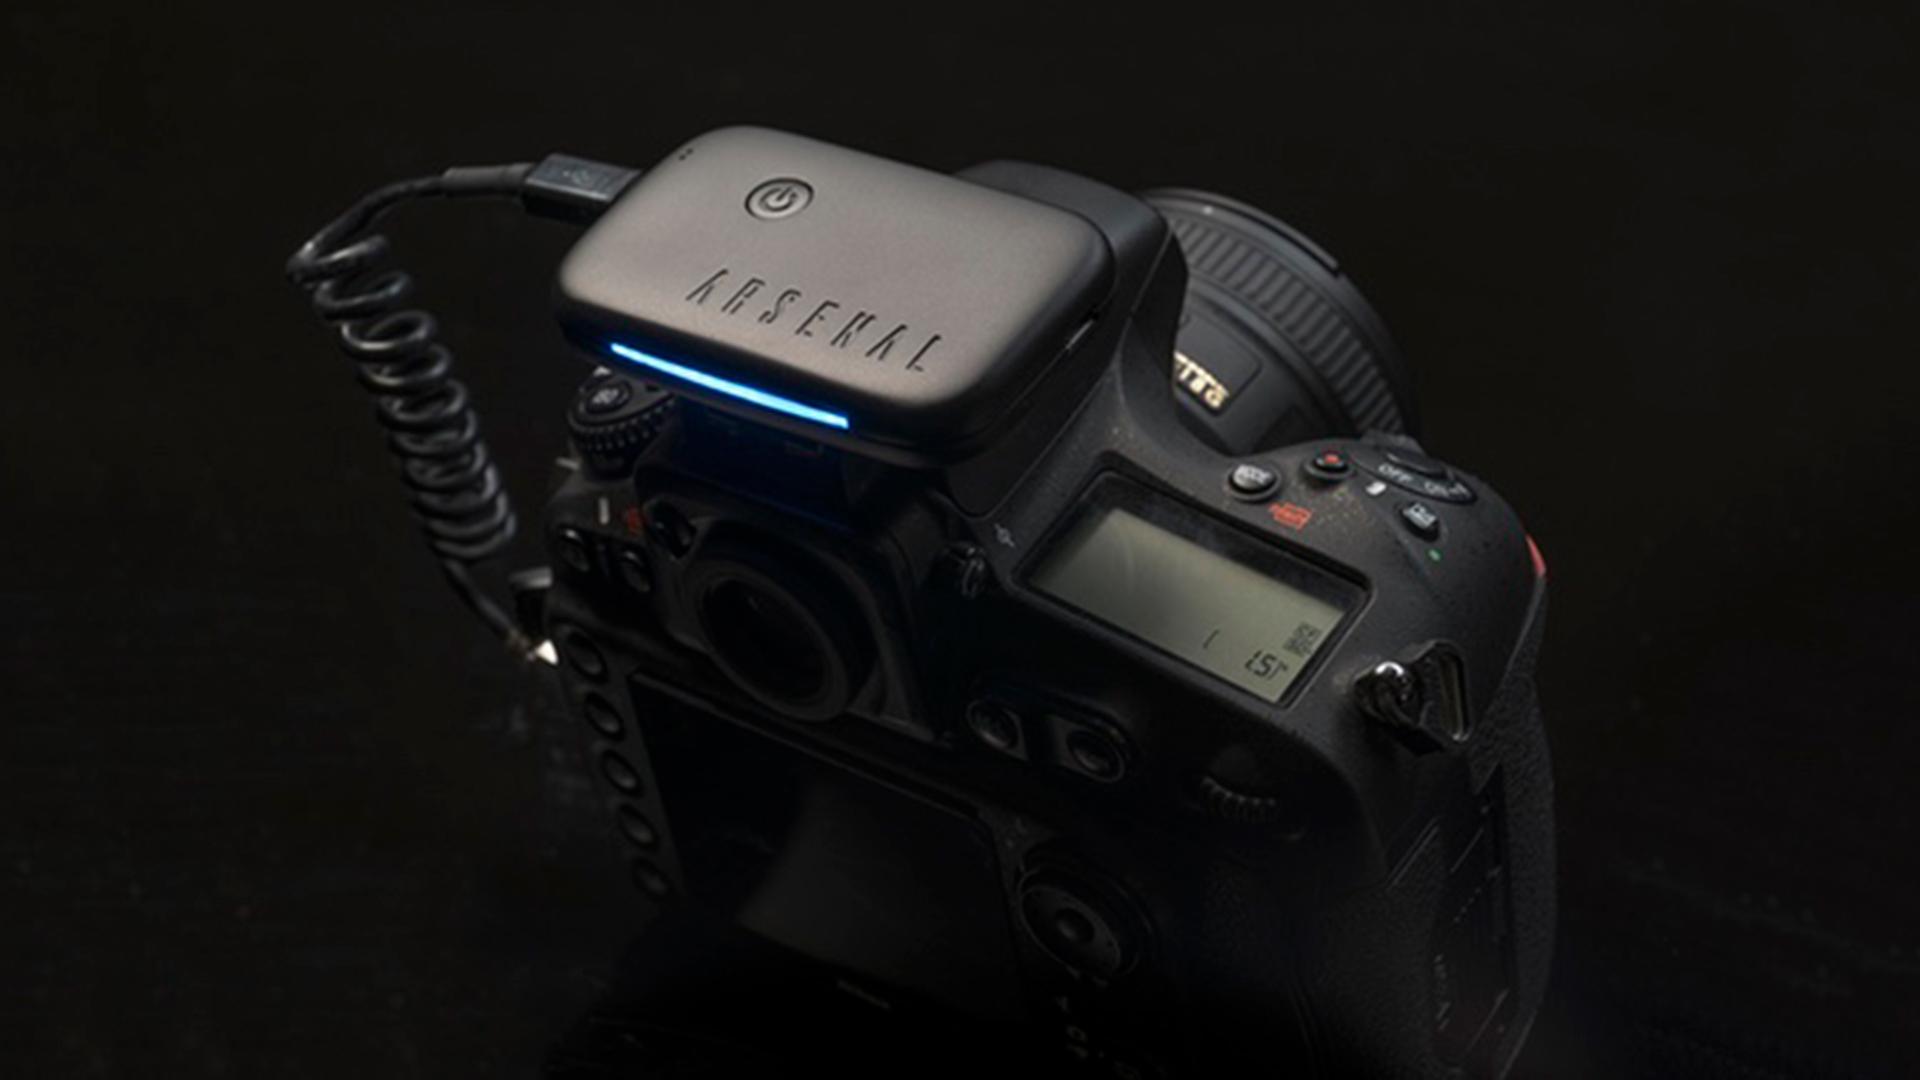 Arsenalインテリジェントカメラアシスタント - 最適の設定を自動化